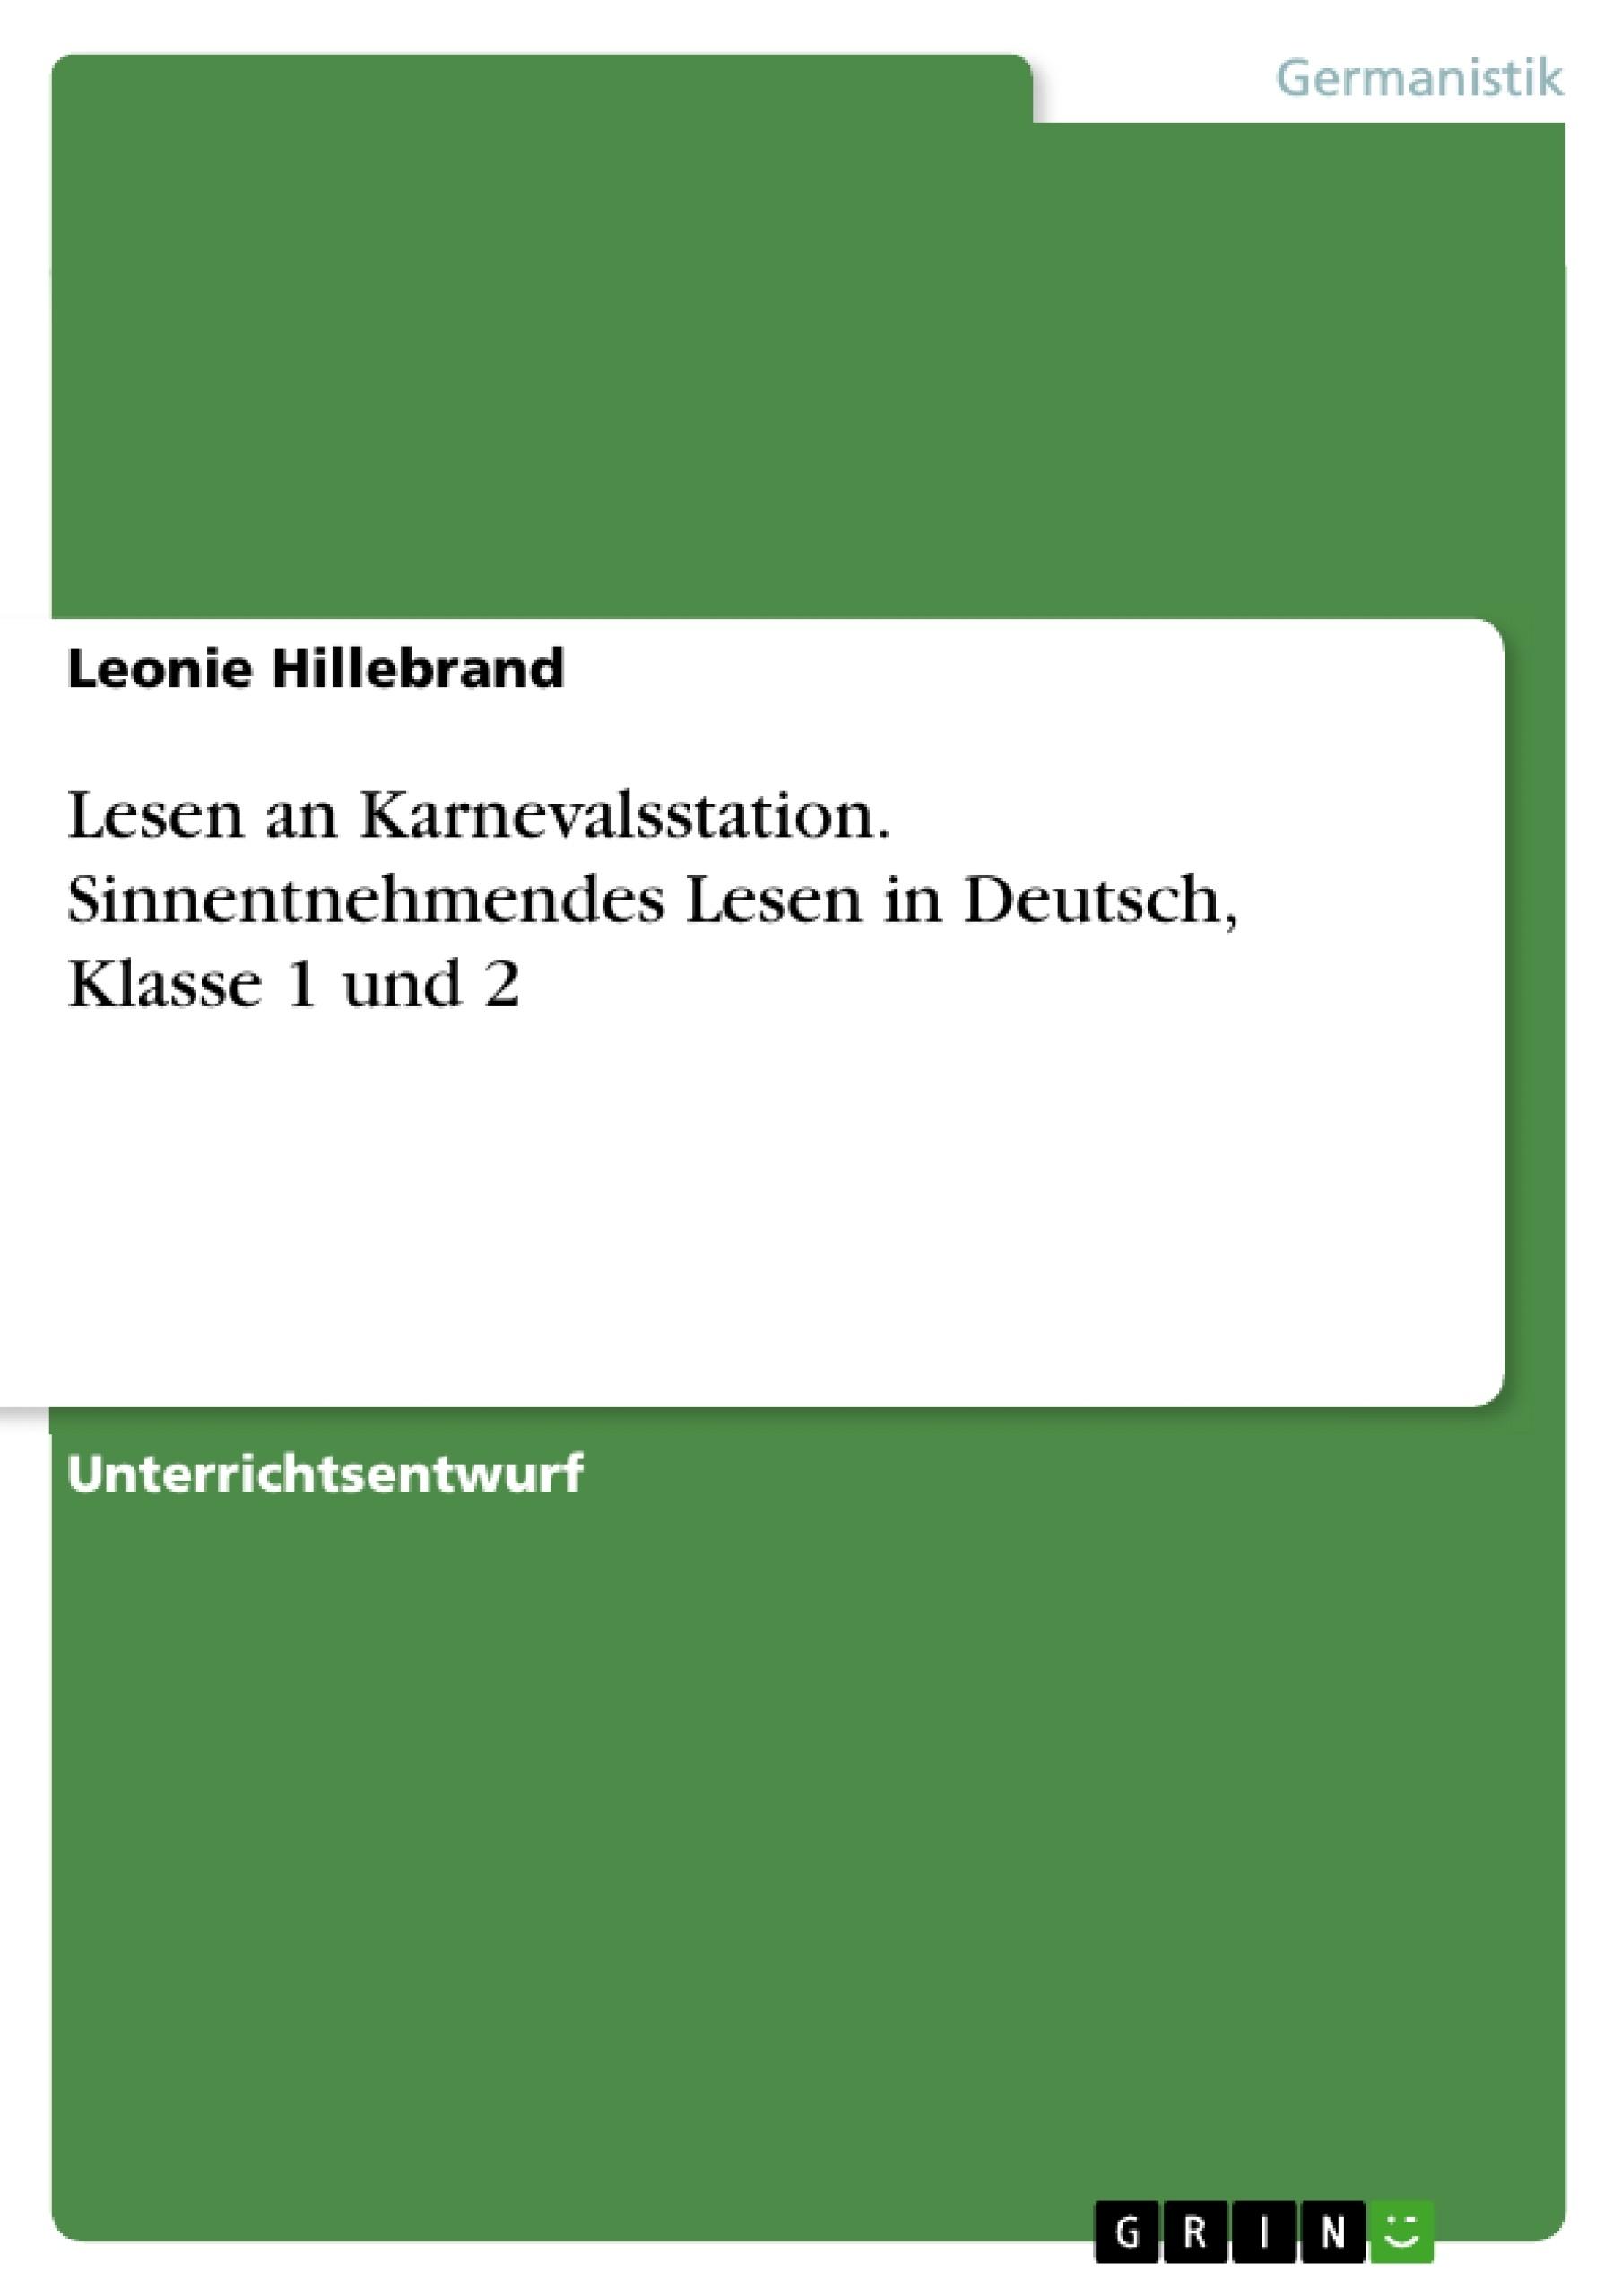 Titel: Lesen an Karnevalsstation. Sinnentnehmendes Lesen in Deutsch, Klasse 1 und 2